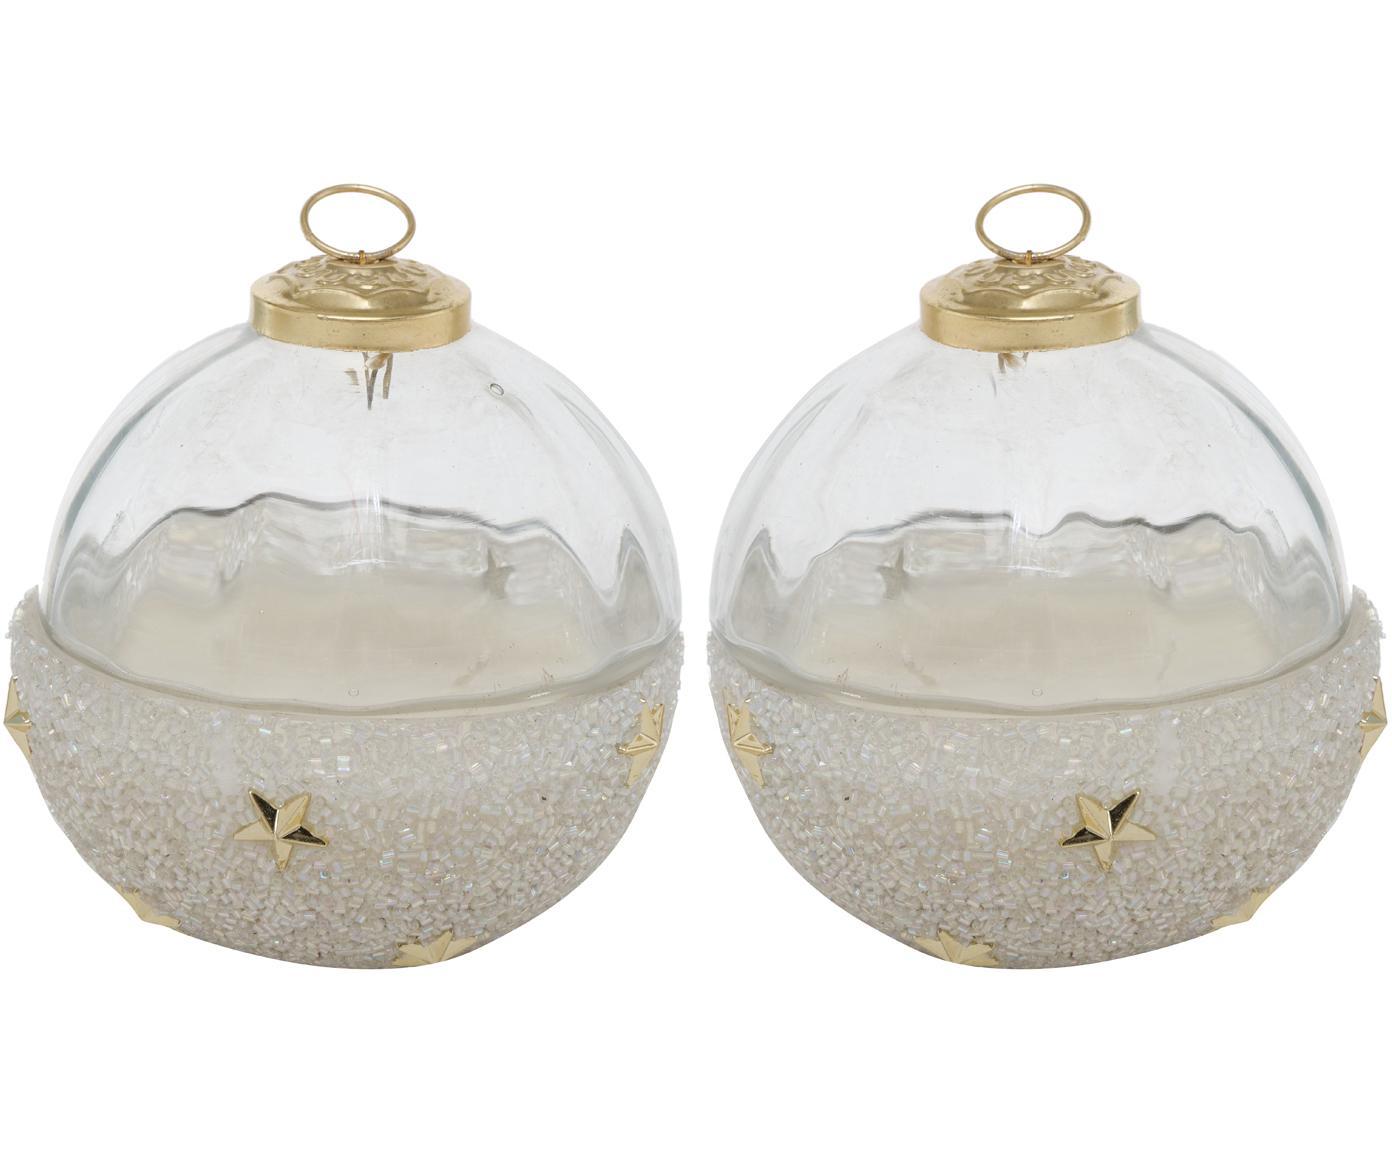 Set candele profumate Arlington (melograno & mirtillo) 2 pz, Contenitore: vetro verniciato, Trasparente, rosa, dorato, Ciascuno Diametro 10 cm Altezza 10 cm